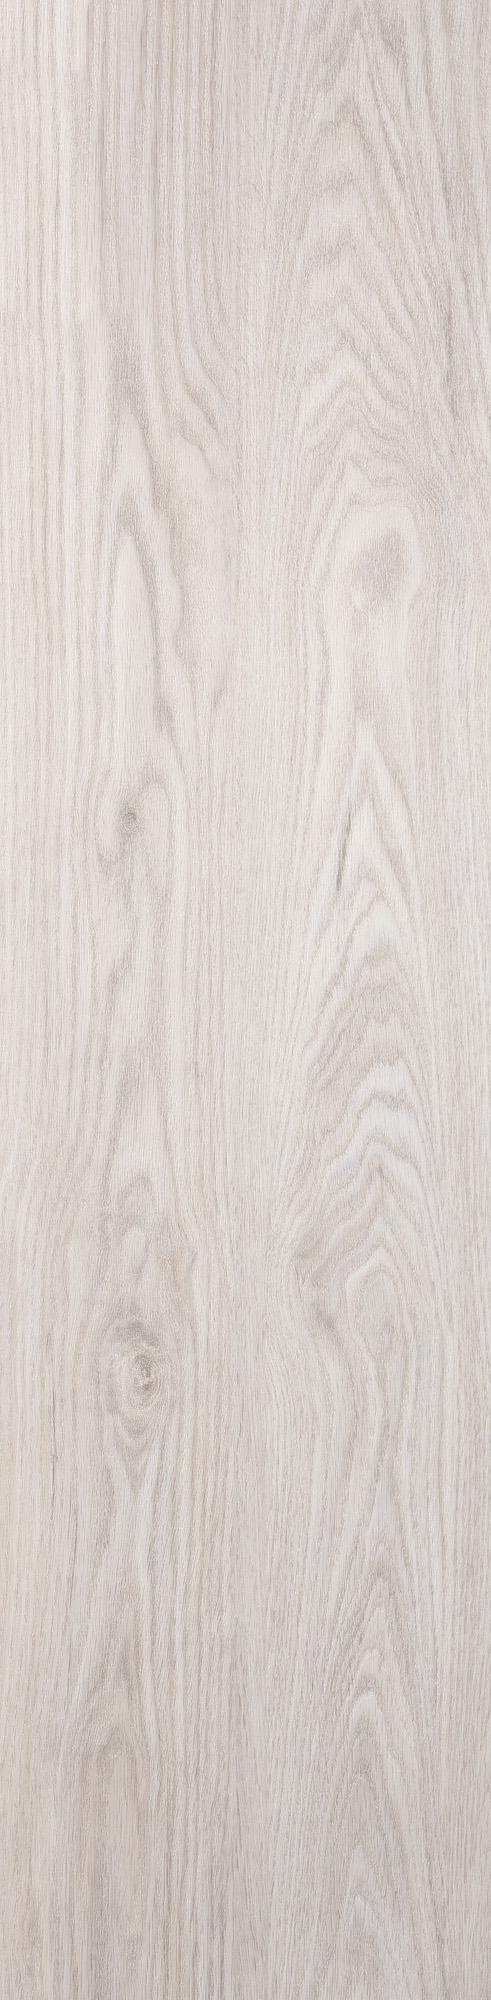 Plinthe - Chêne blanc perlé